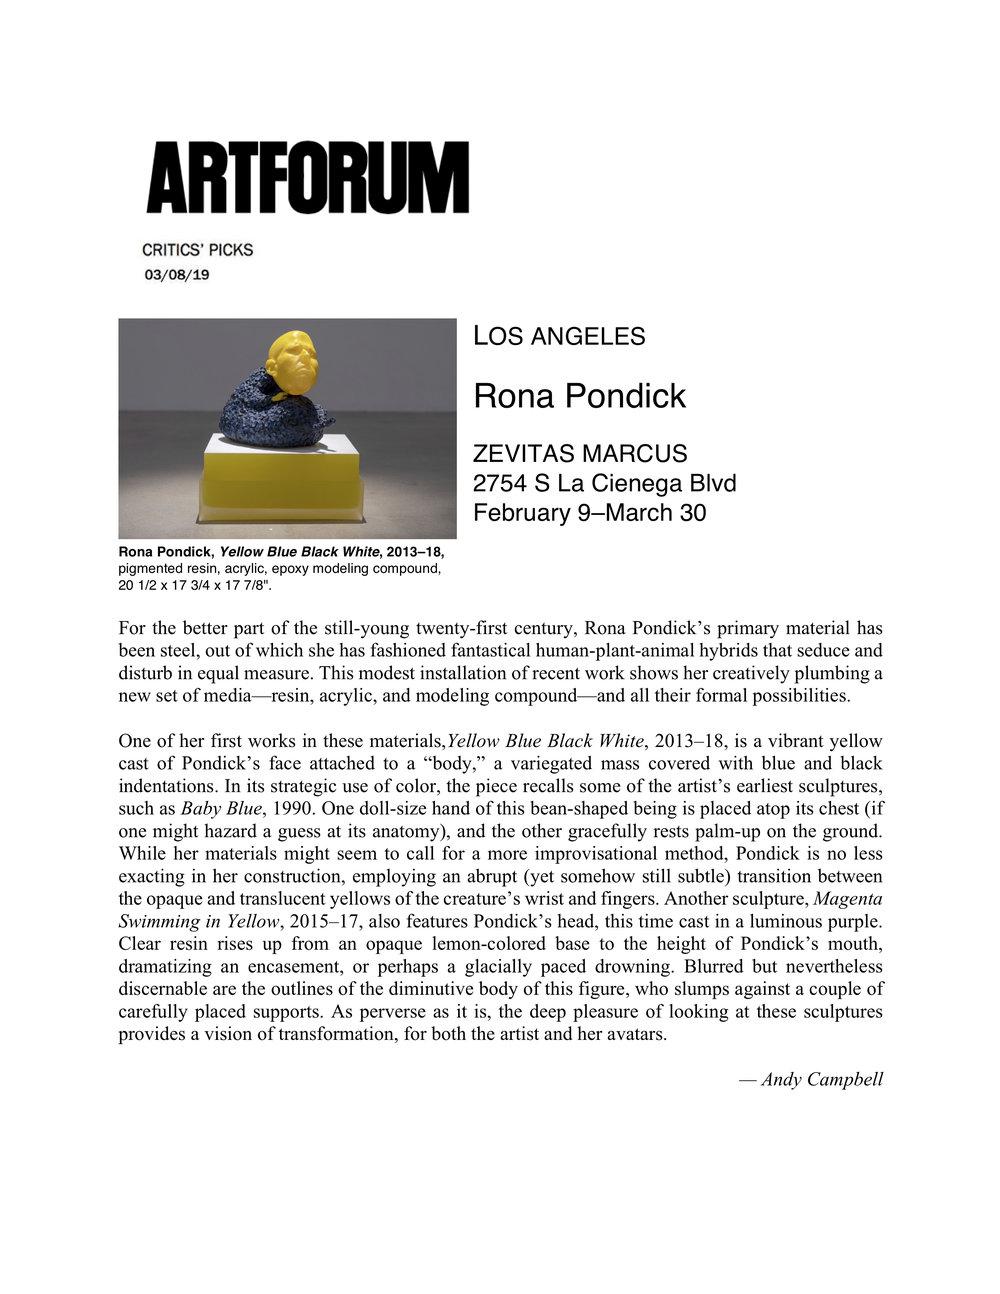 Pondick_Art Forum_Critic's Picks.jpg